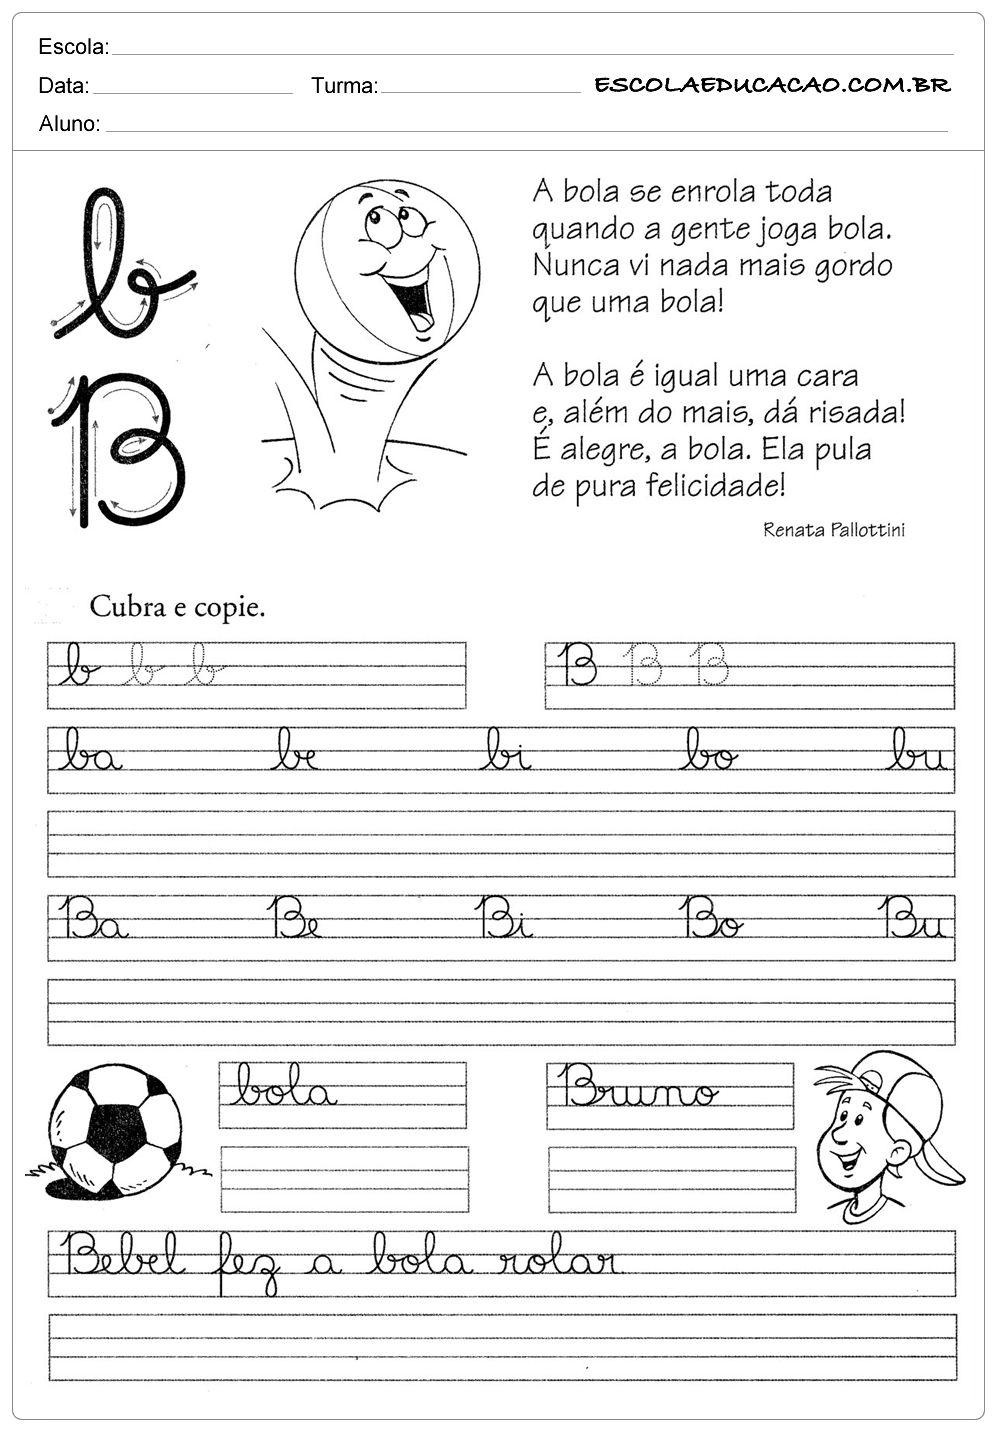 Populares Atividade de caligrafia letra B | Caligrafia | Pinterest  LJ03